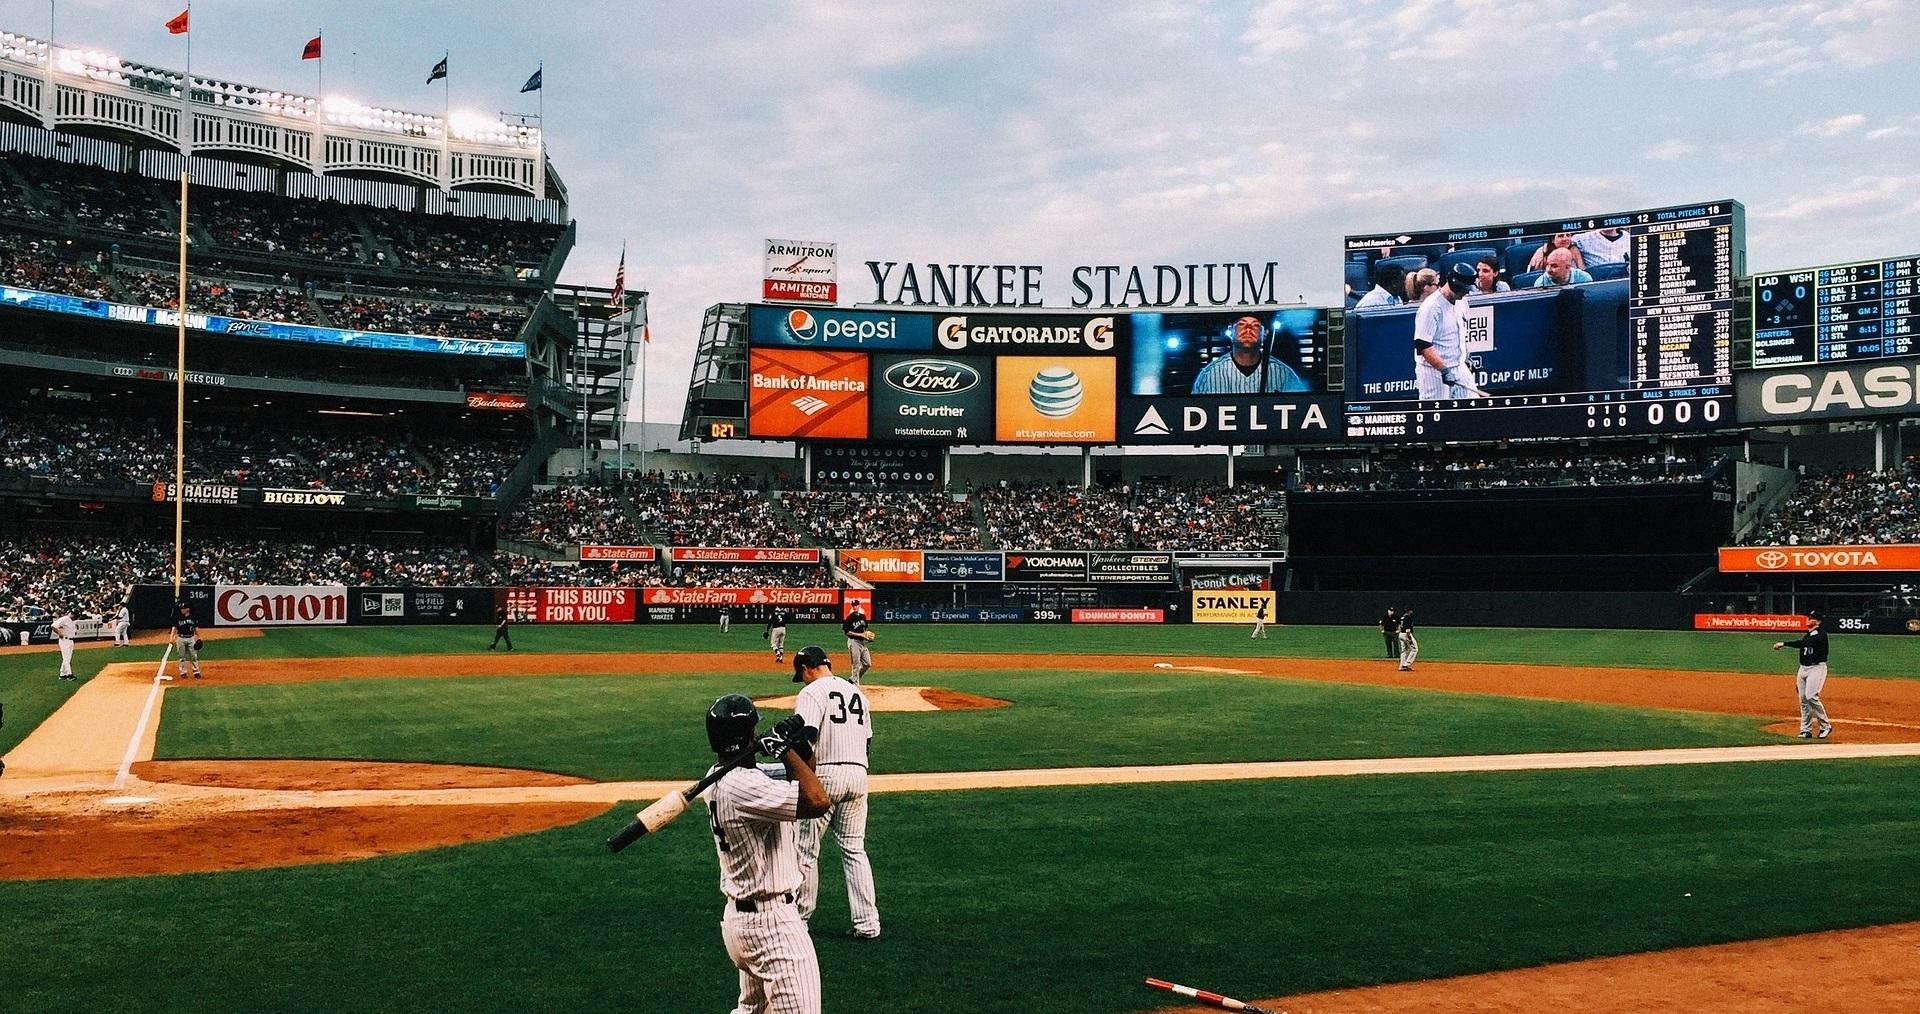 Sportevenemang  Flera lag i USA:s största sporter  New York tillhandahåller en uppsjö av attraktiva sporter och klubbar. Eller vad sägs som New Jersey Devils, New York Islanders och Henrik Lundqvist New York Rangers i NHL. I NFL återfinns två klubbar i New York Jets och New York Giants. Det finns även två i MLB, New York Mets och New York Yankees.  Som om inte det vore nog är det även två klubbar i MLS där svenske Anton Tinnerholms New York City FC får tampas med rivalen New York Red Bull och i NBA där New York Knicks och Brooklyn Nets återfinns.